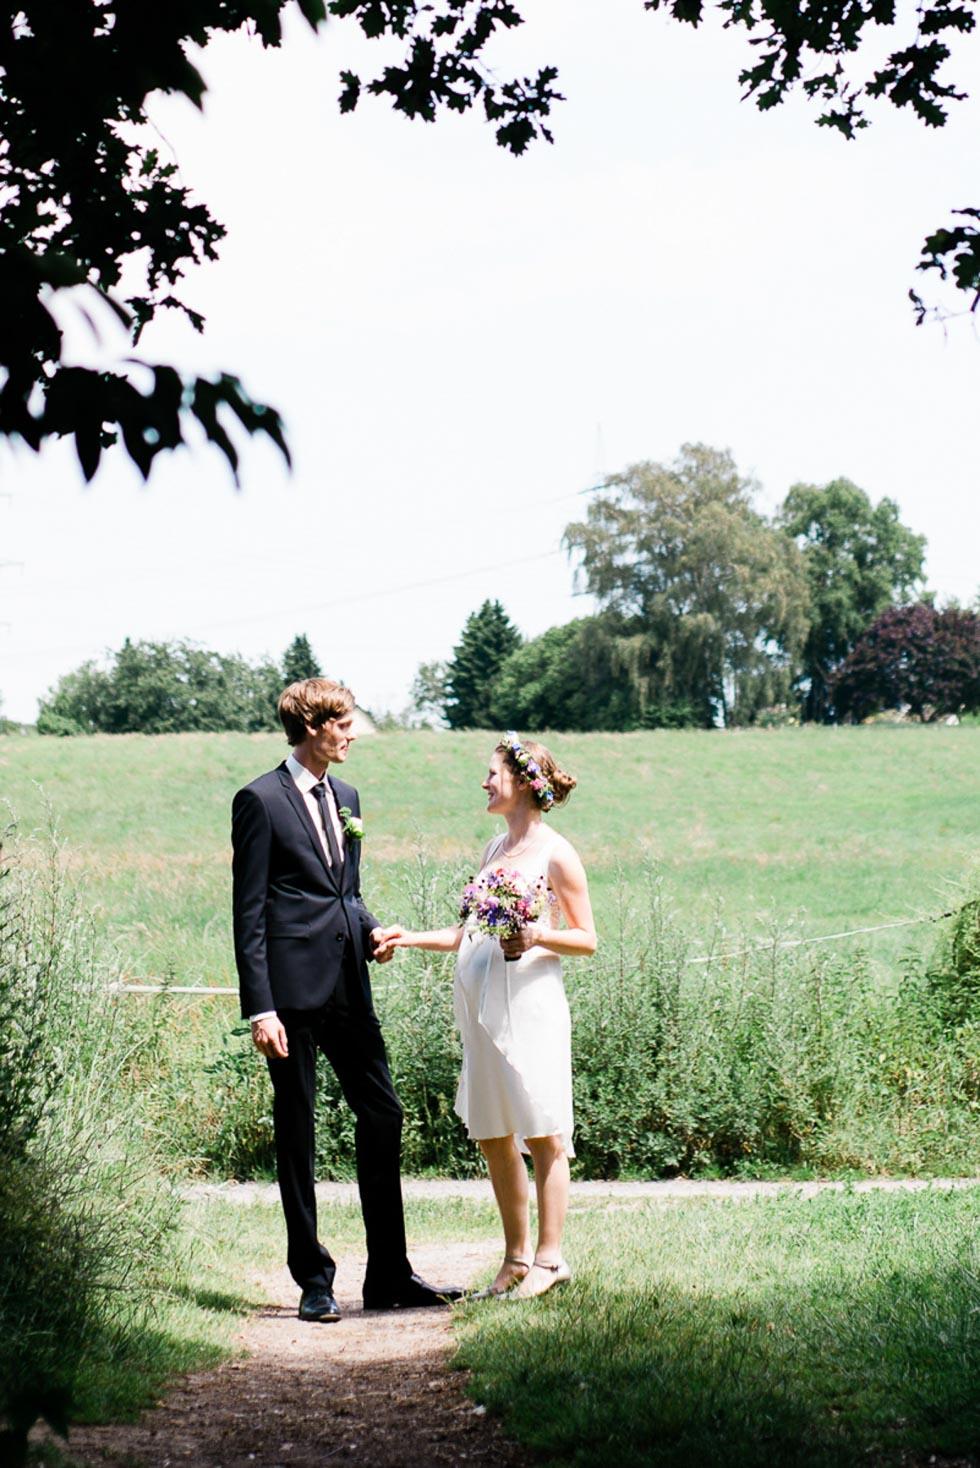 Hochzeit im Garten von Tilman Vogler